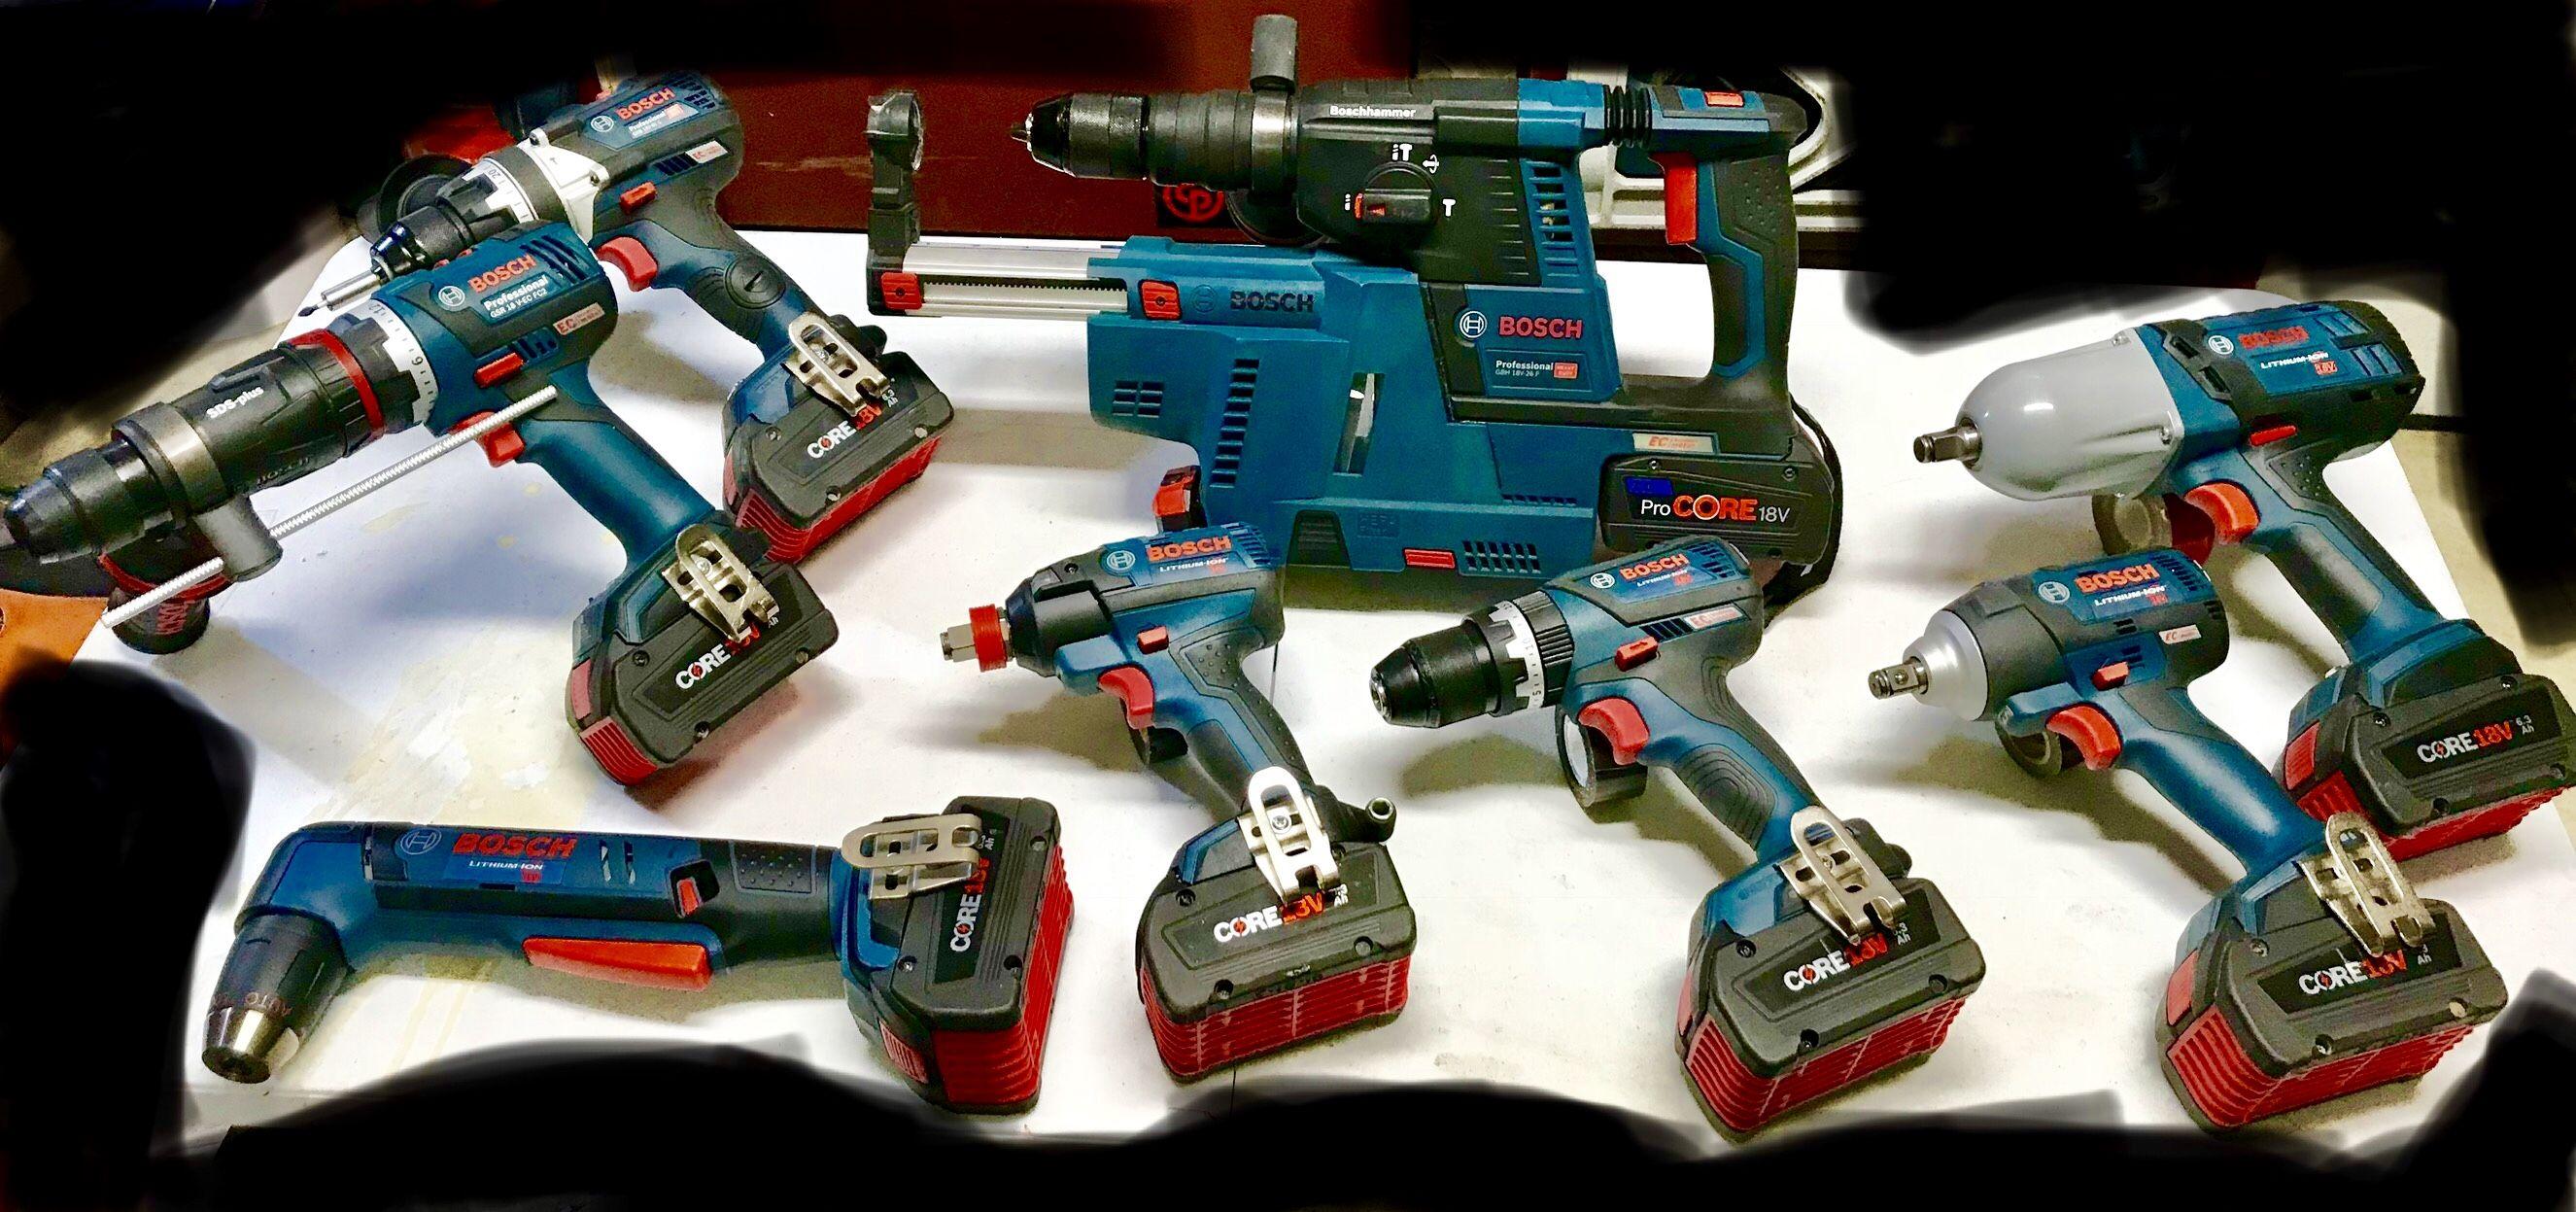 Bosch 18v Impacts Drills Bosch Tools Drill Bosch